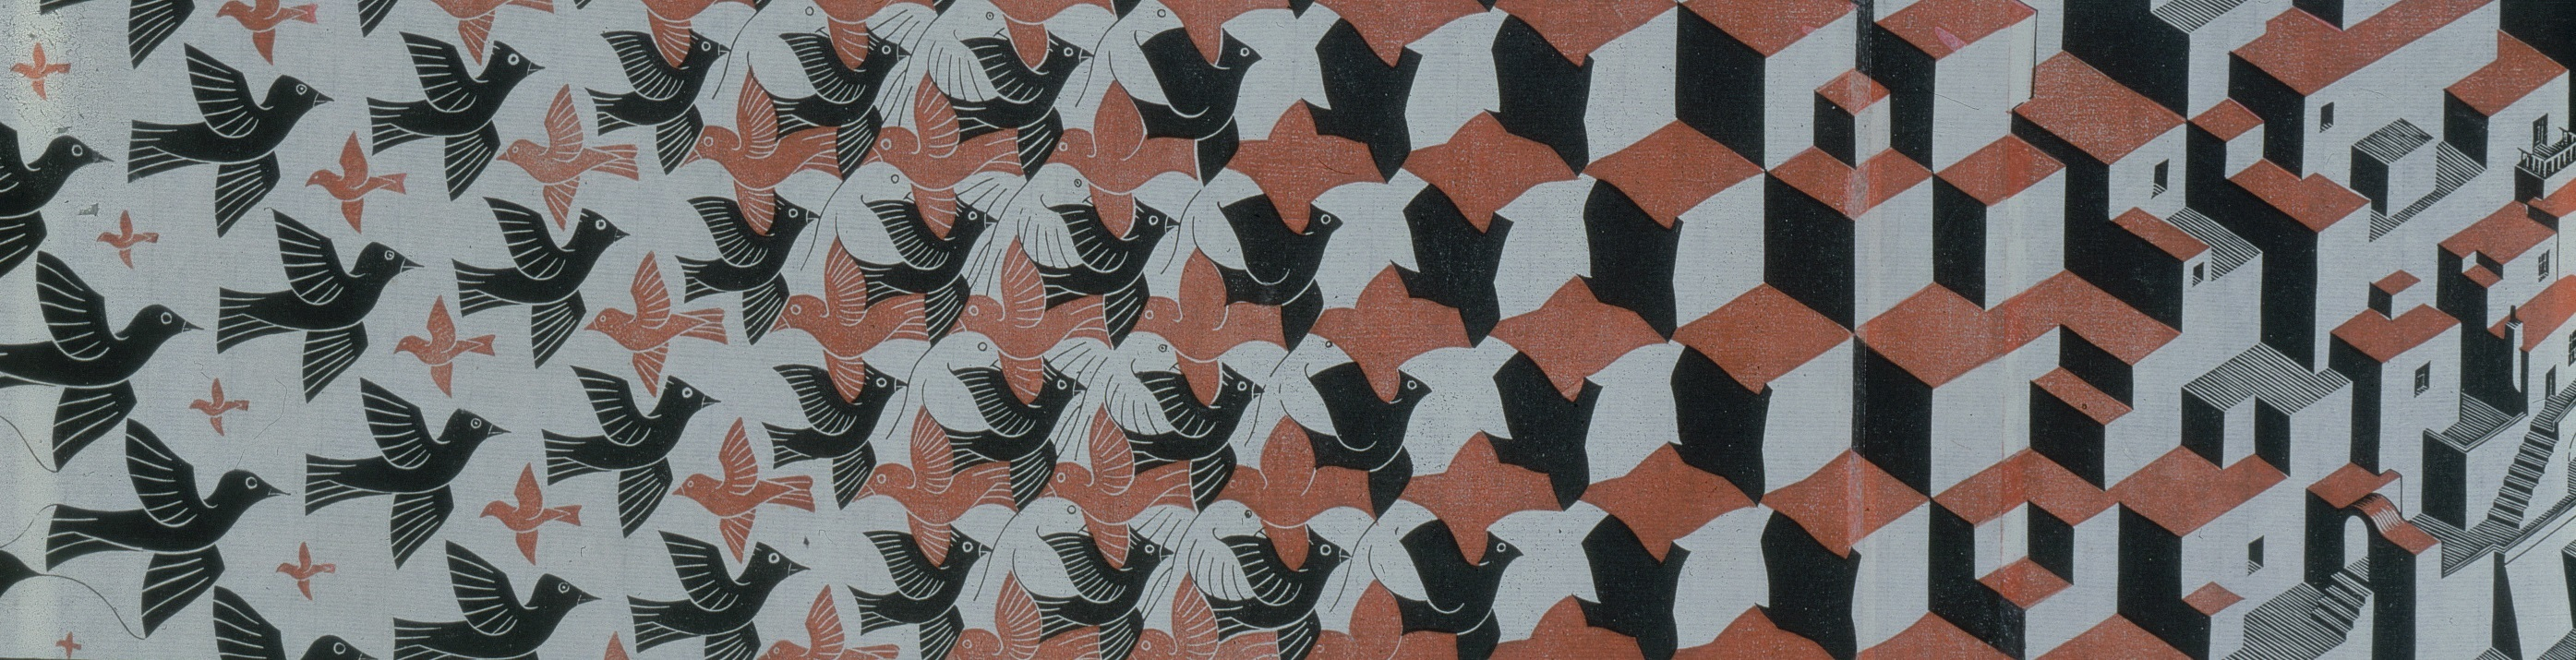 《メタモルフォーゼⅡ  Metamorphosisll.1939-40》 (部分)